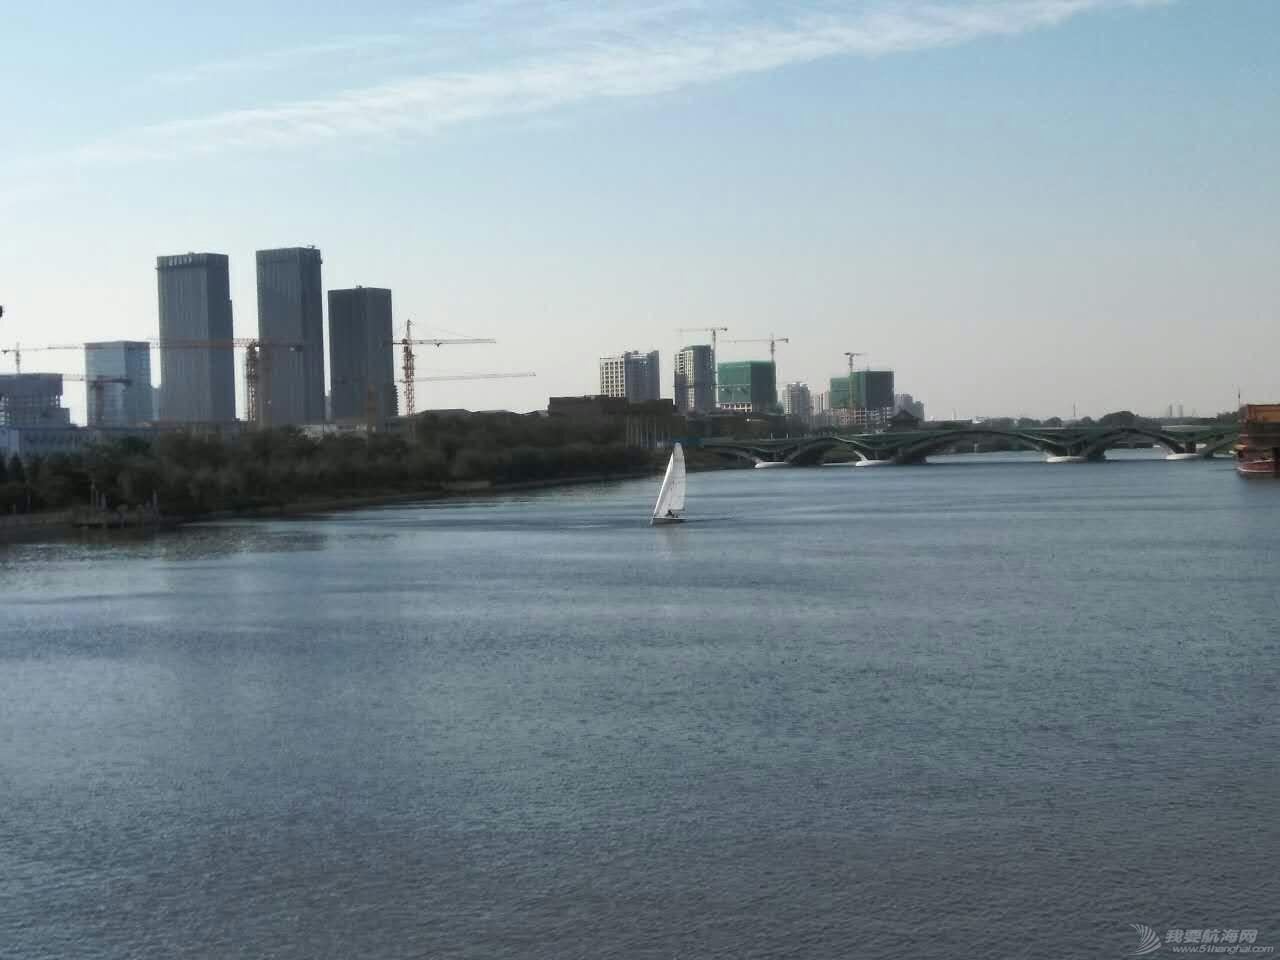 【别样的内河帆船】北京通州大运河的帆味 713259560981711263.jpg